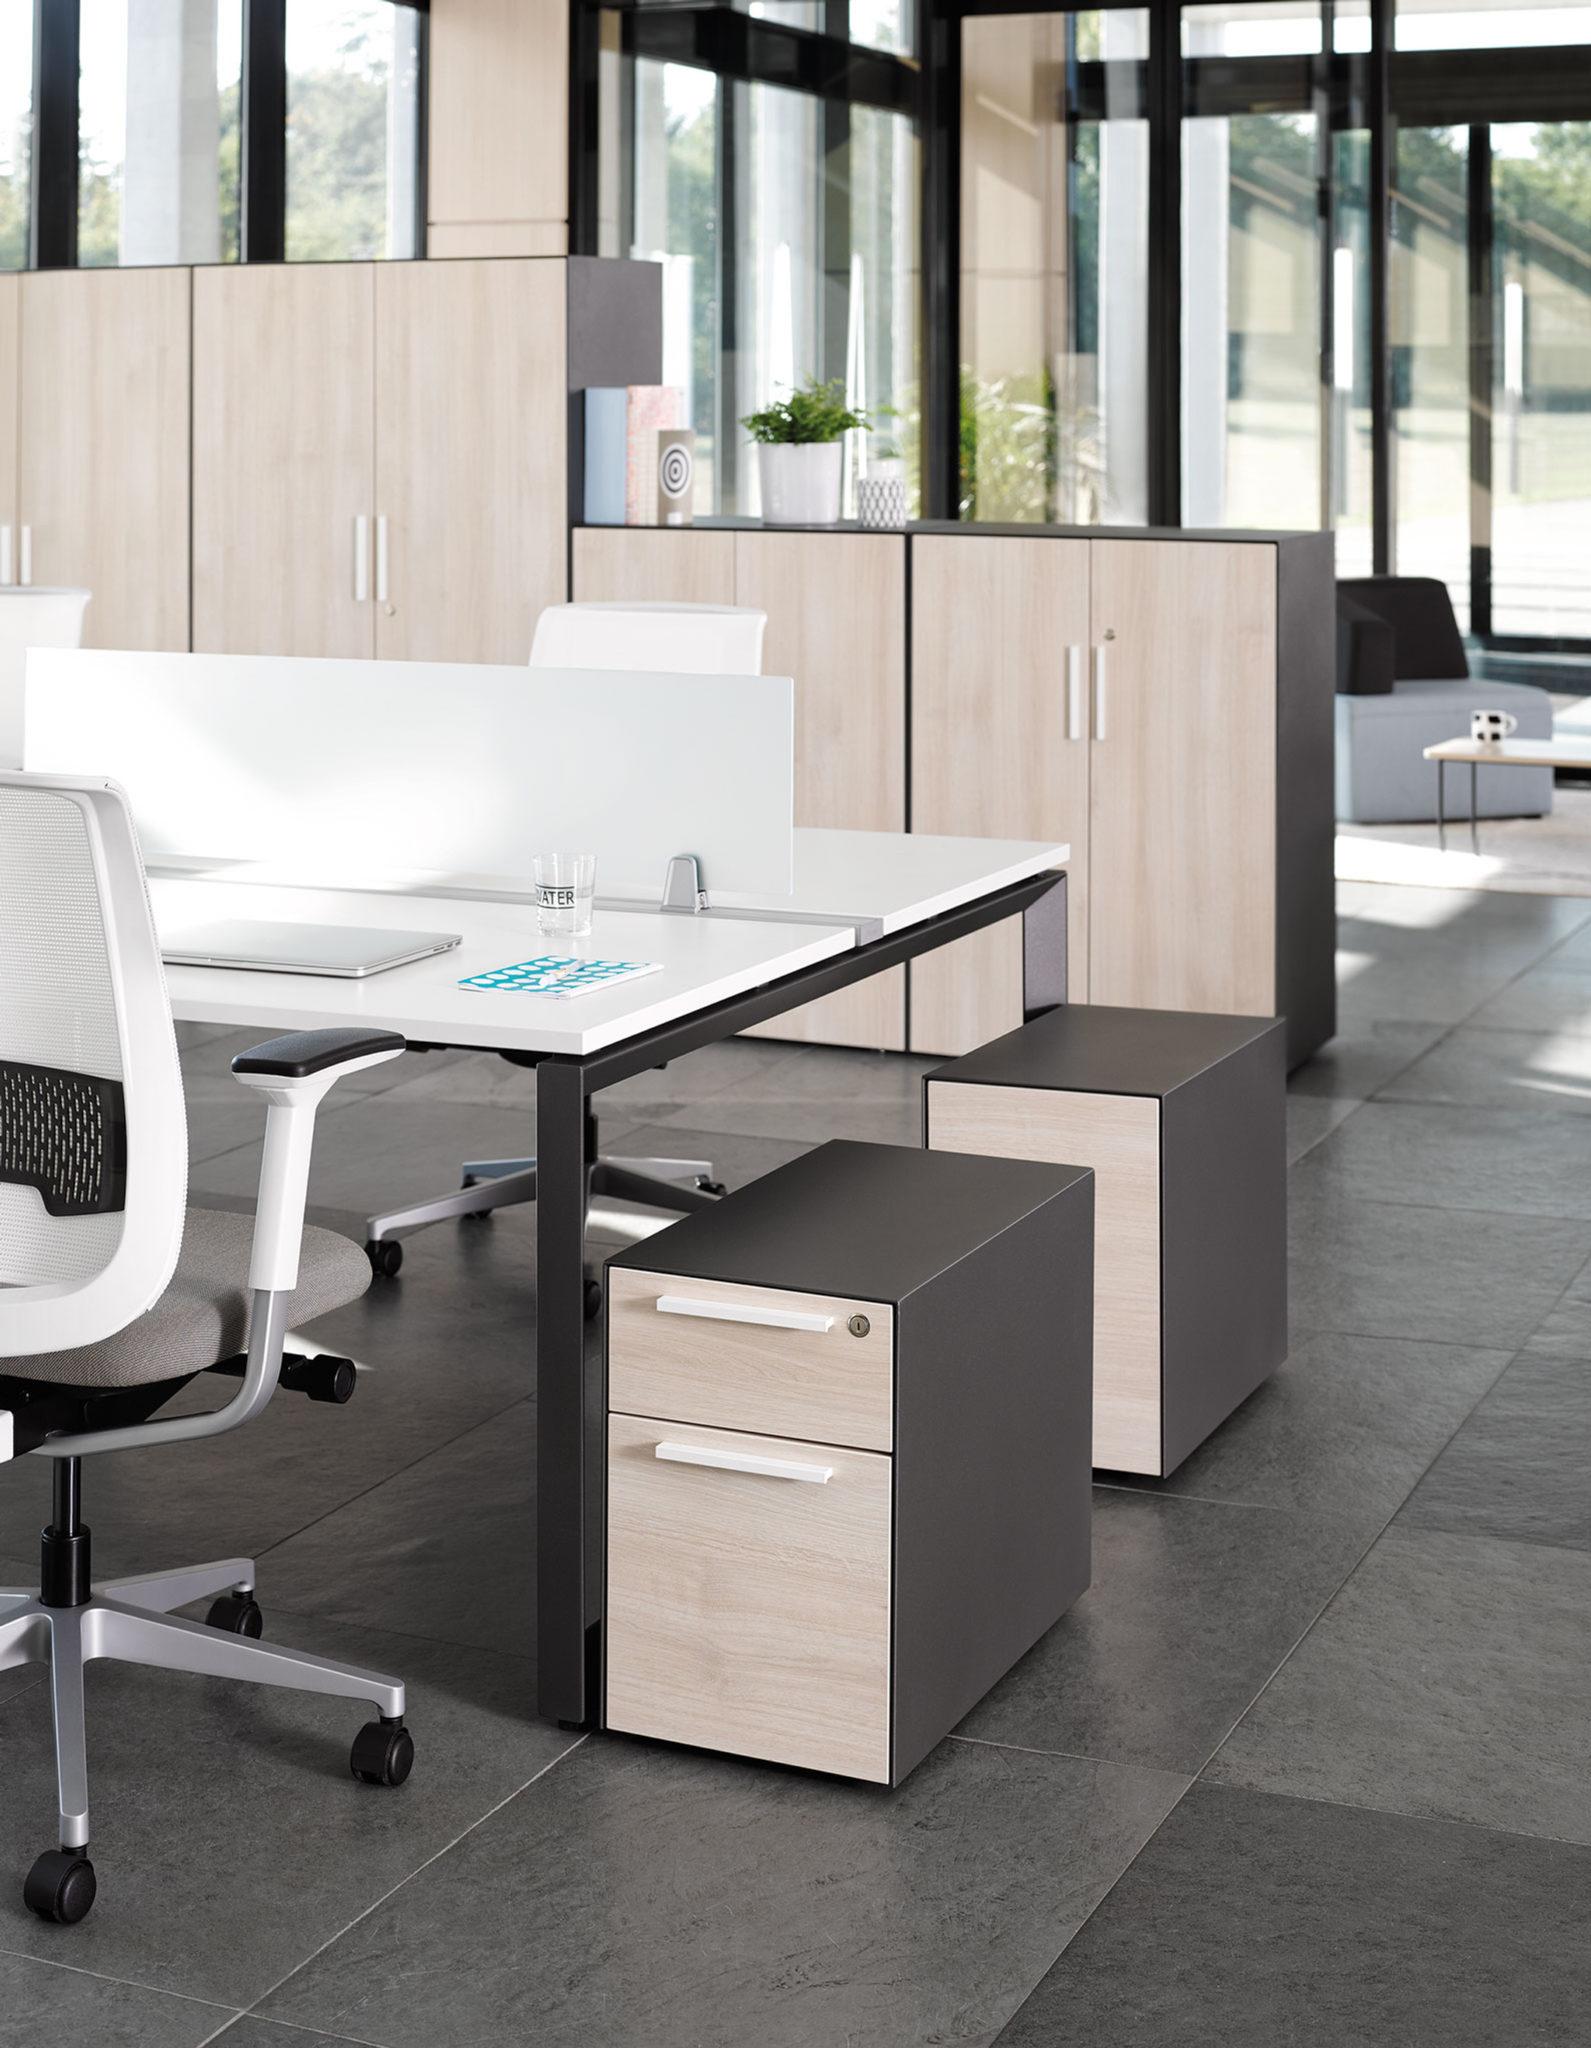 Schreibtischcontainer von Steelcase